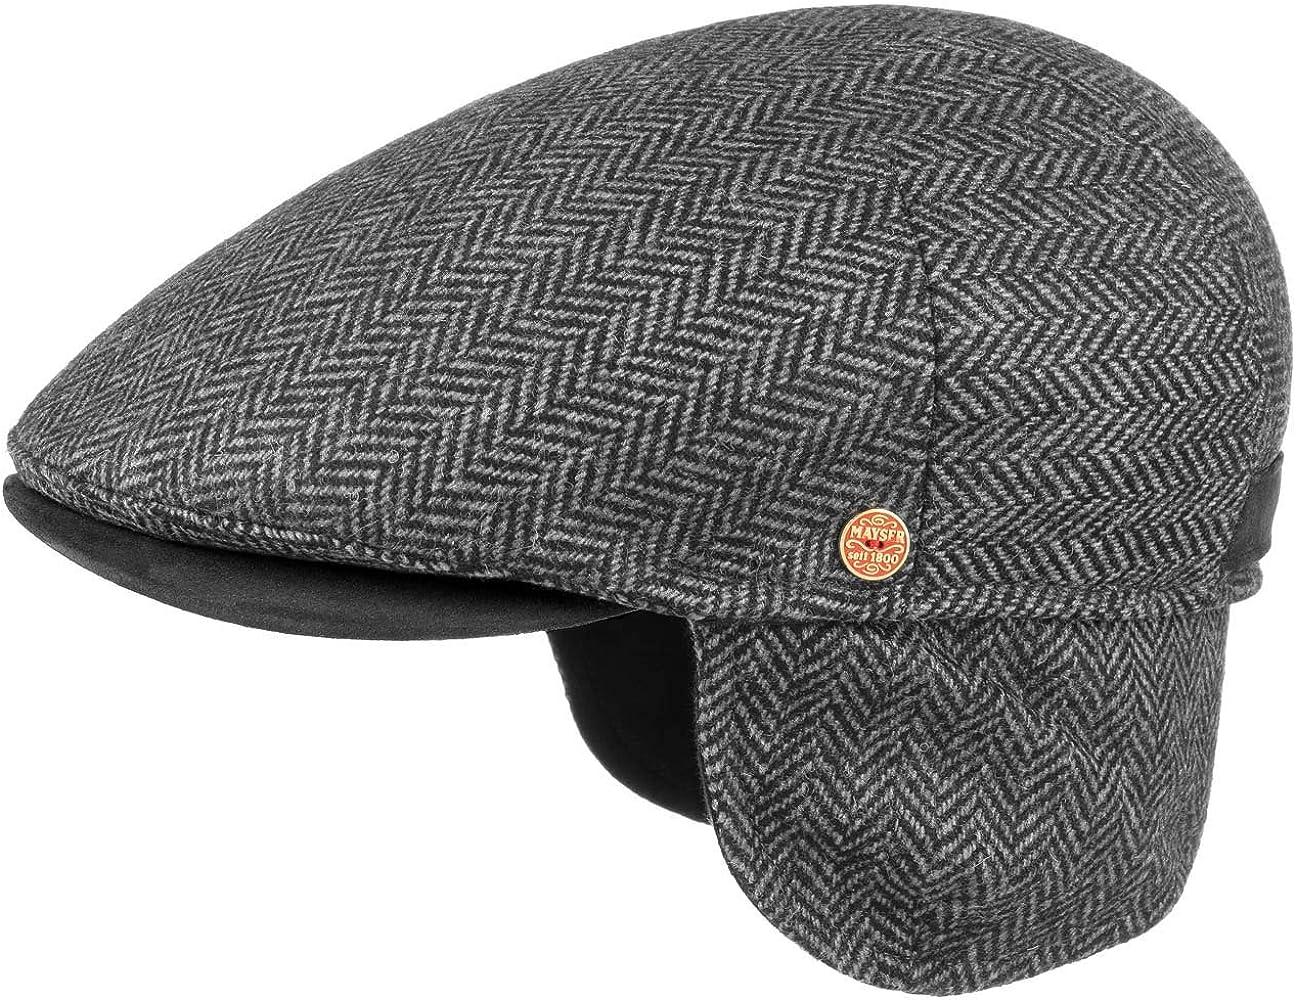 Mayser Flatcap mit Ohrenschutz Schieberm/ütze Schirmm/ütze M/ütze Ohrenklappen Schirm